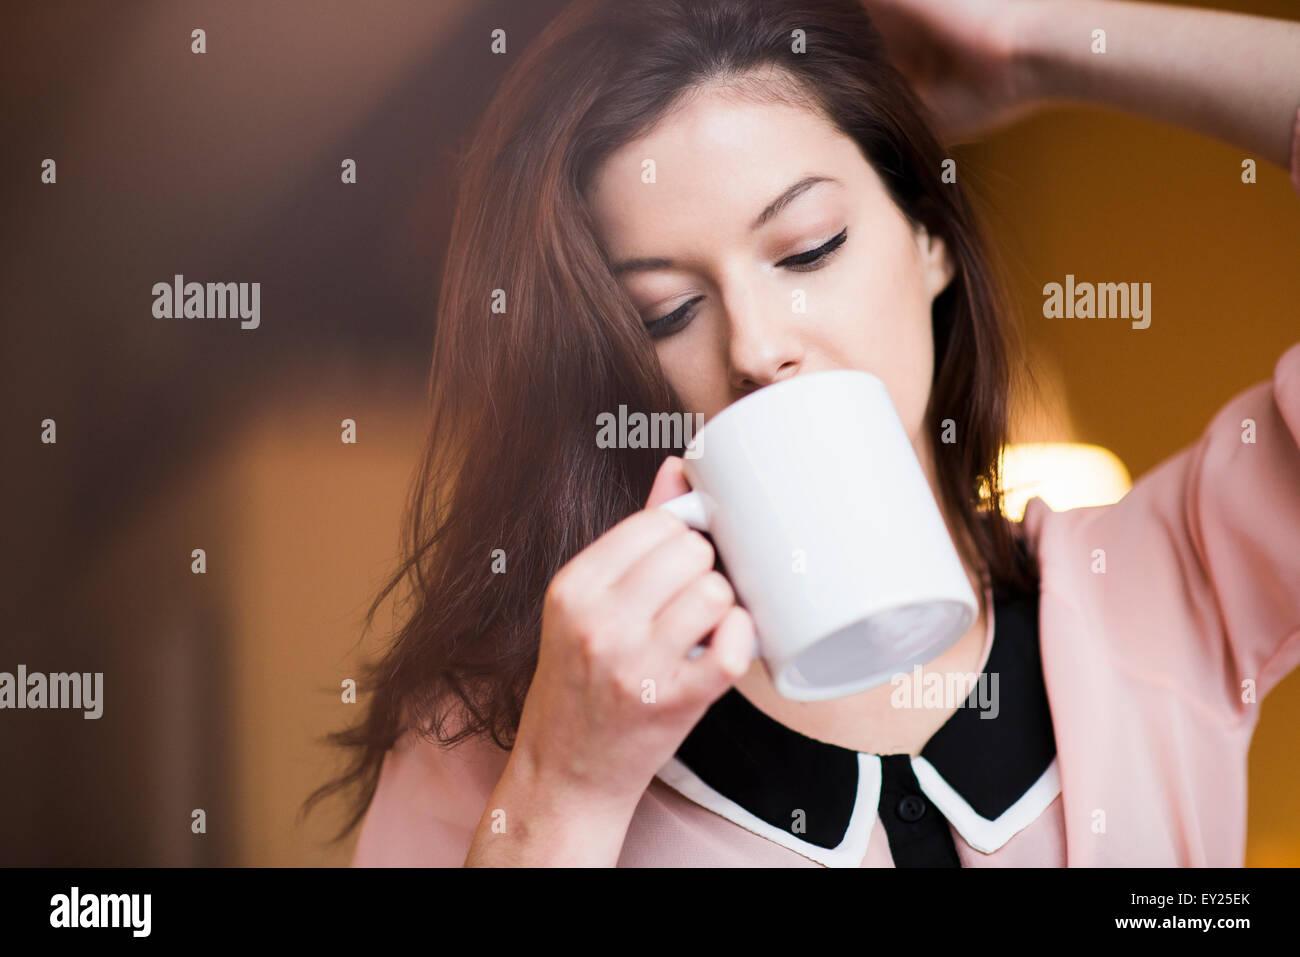 Mujer joven bebiendo café Imagen De Stock